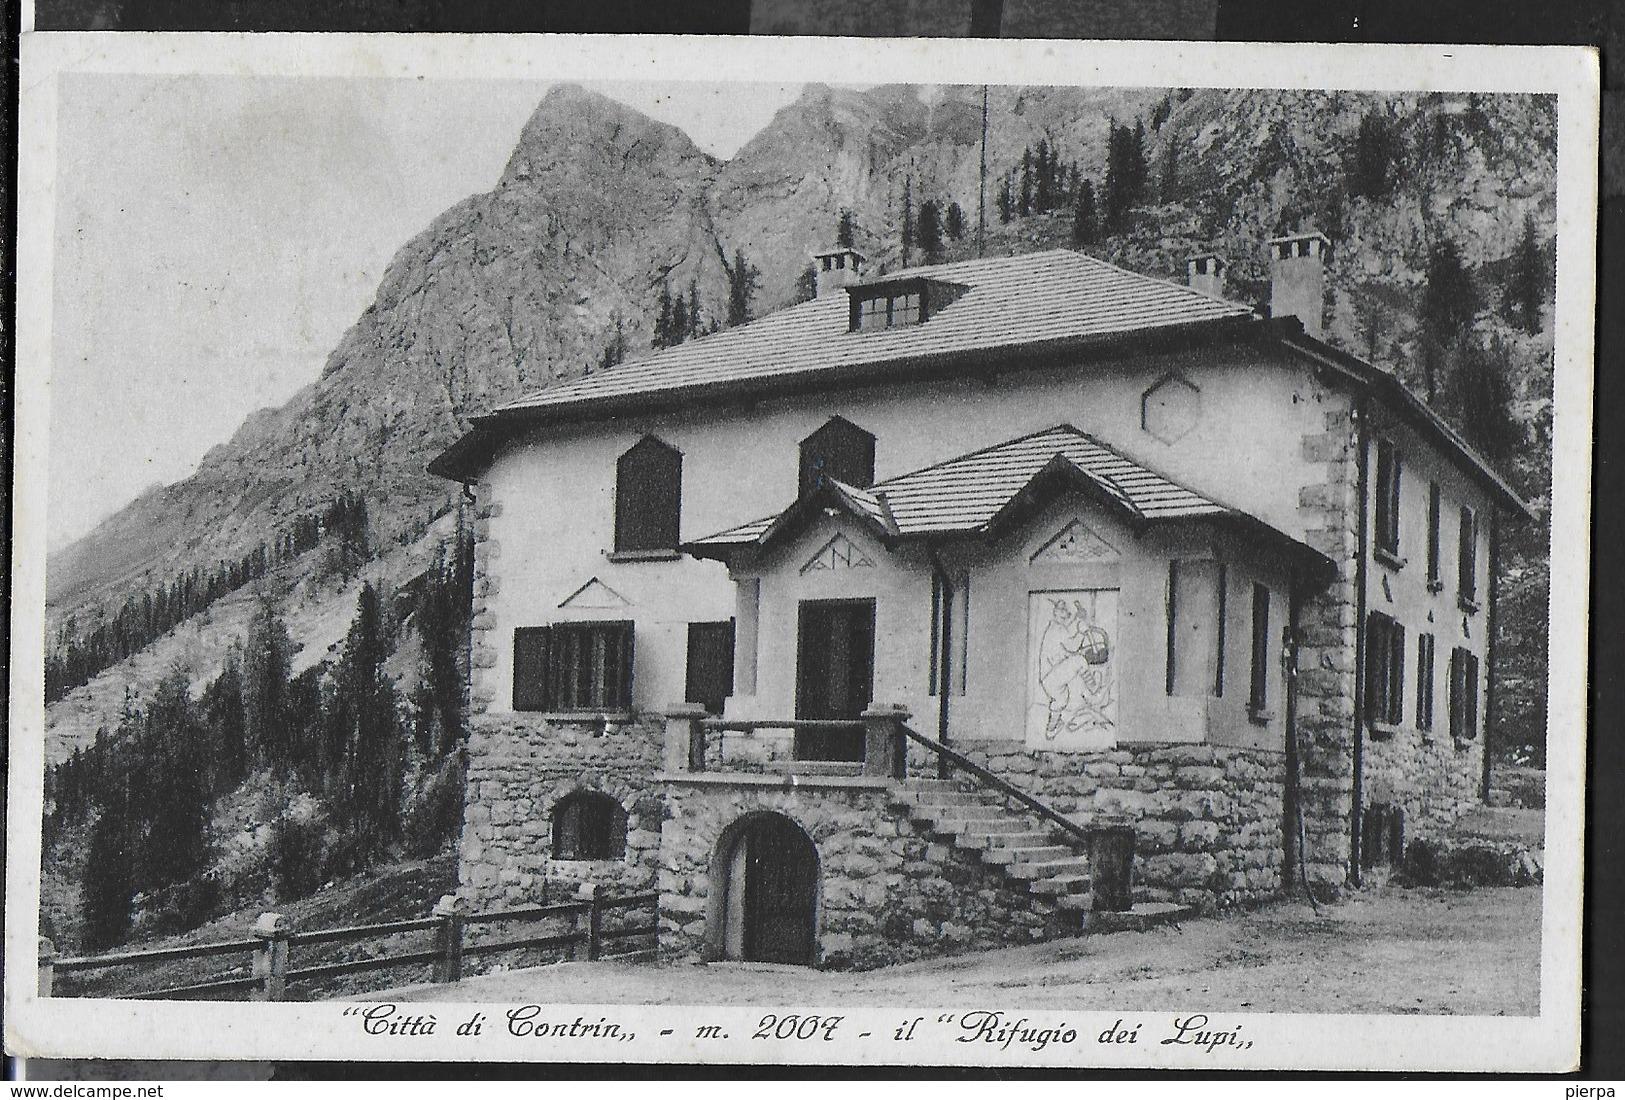 DOLOMITI - RIFUGIO CONTRIN - FORMATO PICCOLO - VIAGGIATA DA CANAZEI 29.07.1934 - Alpinisme